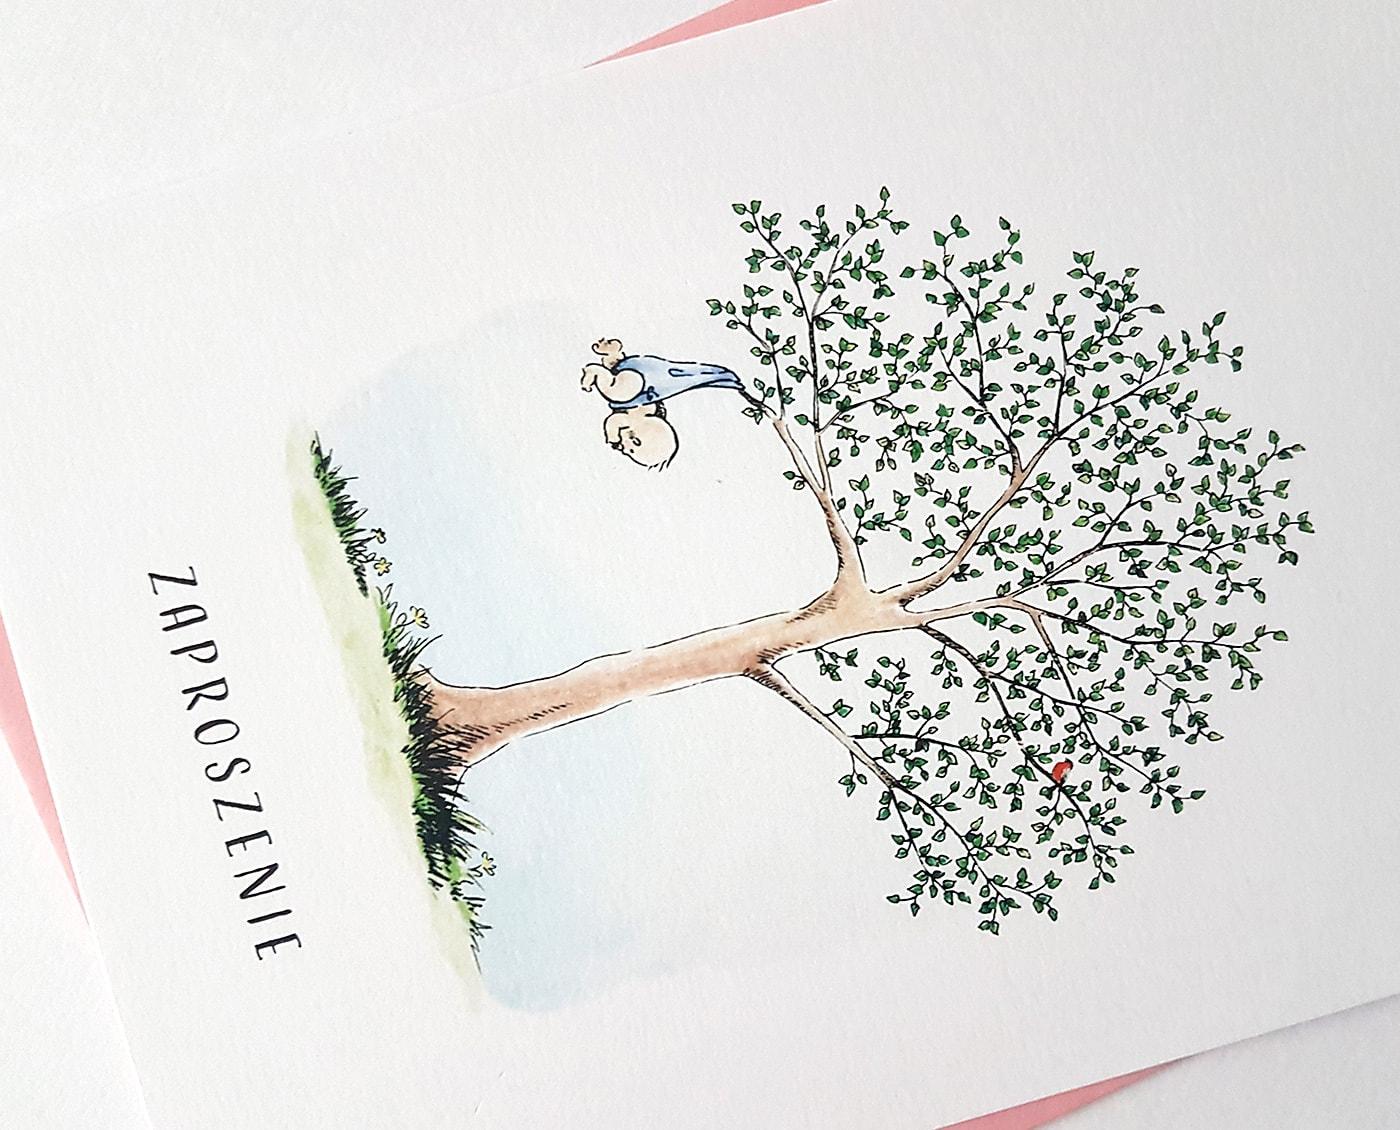 ilustracja drzewka ze zwisającym niemowlęciem